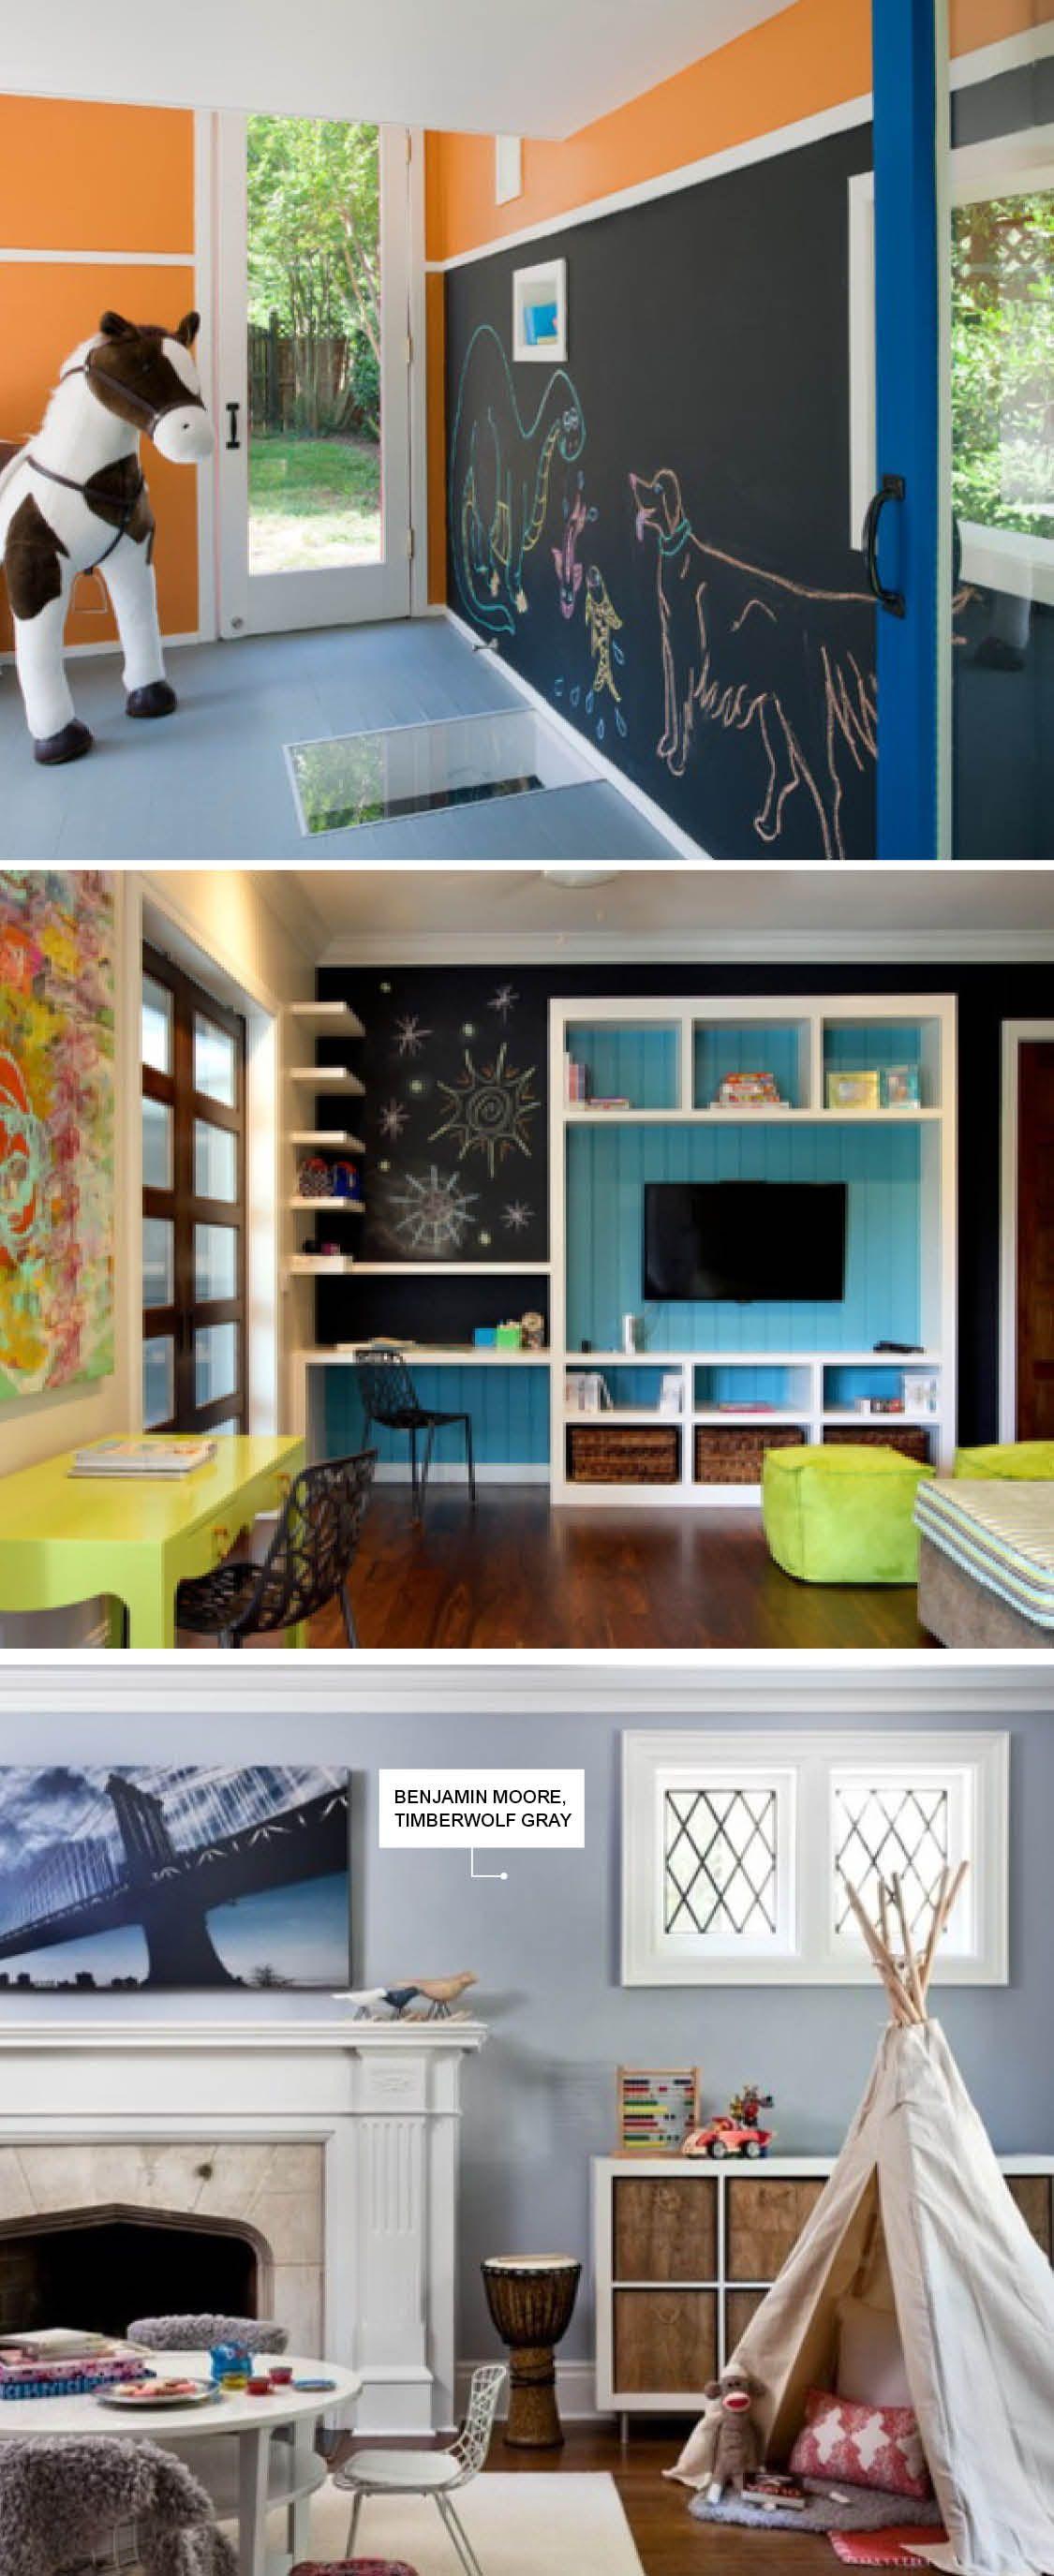 Kids Playroom Houzzcom Kids Rooms In 2018 Pinterest Playroom